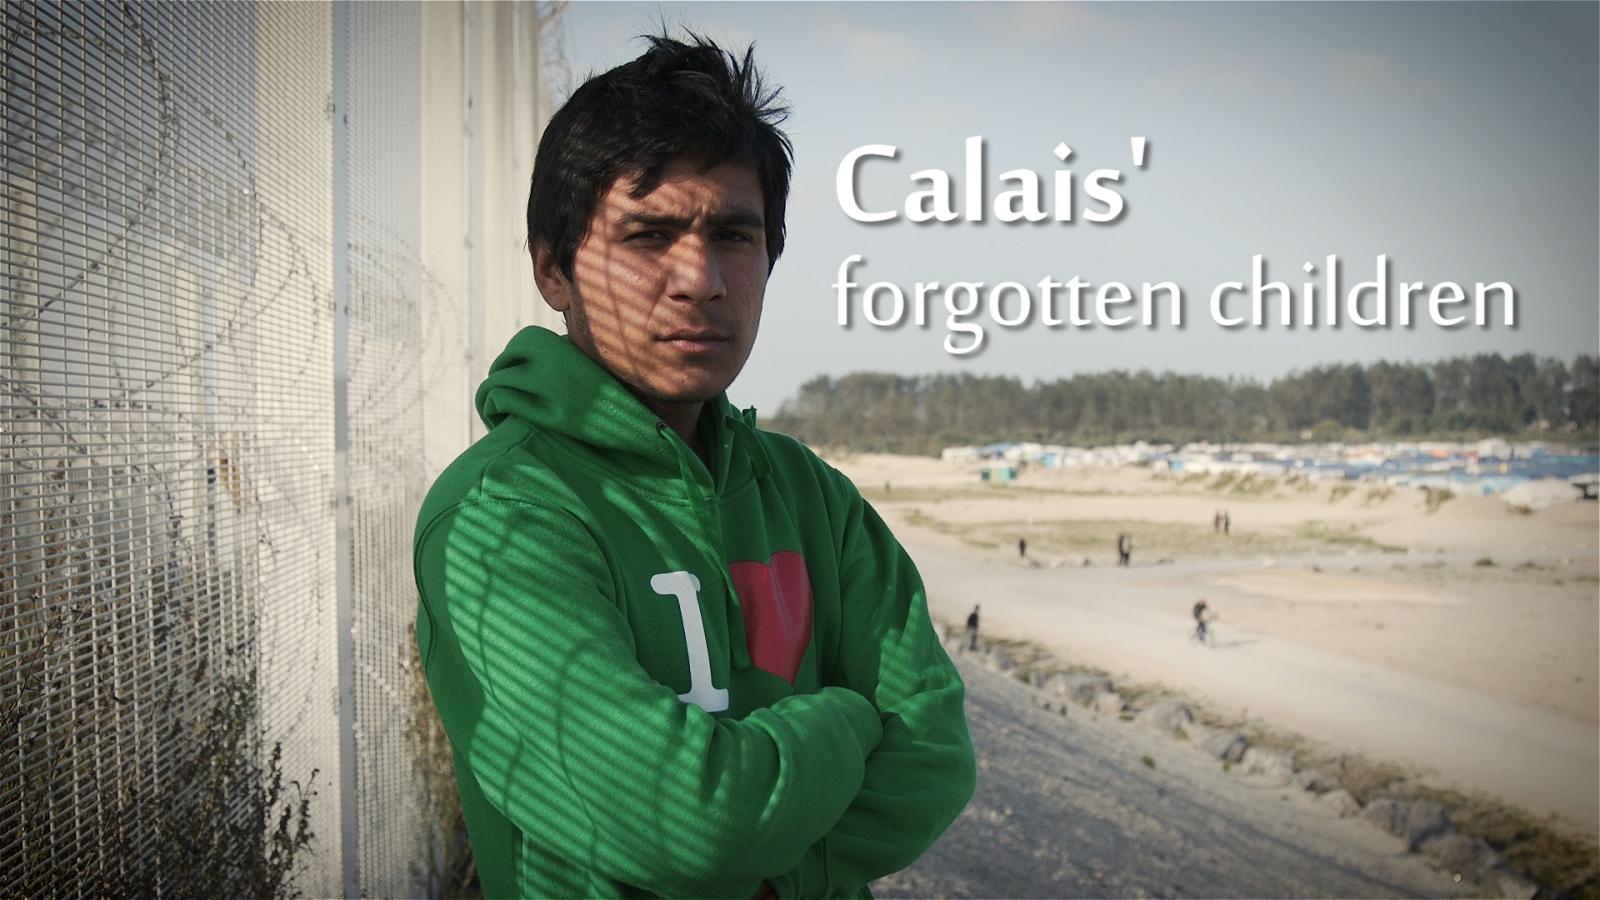 Calais' forgotten child refugees